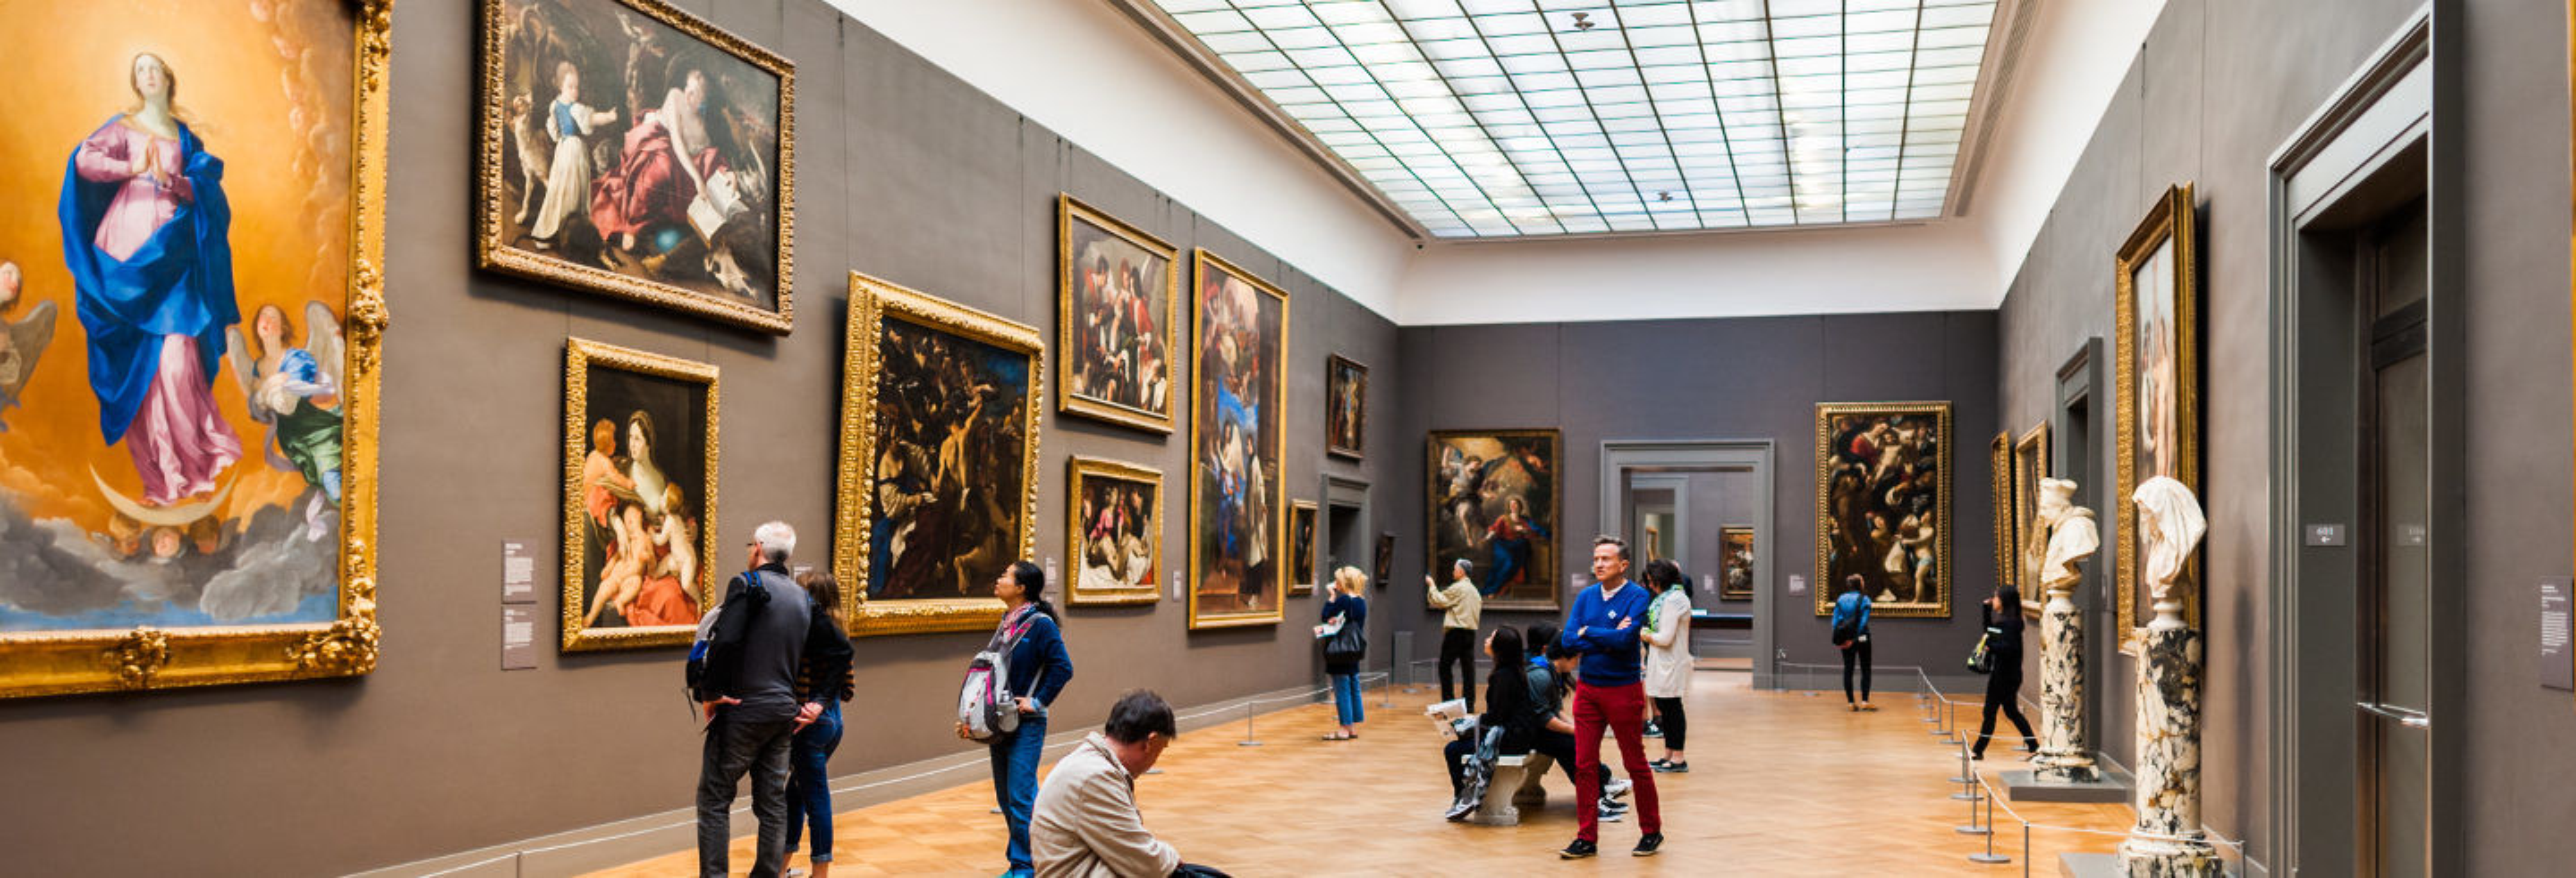 Ticket d'entrée pour le Metropolitan Museum of Art (Met)